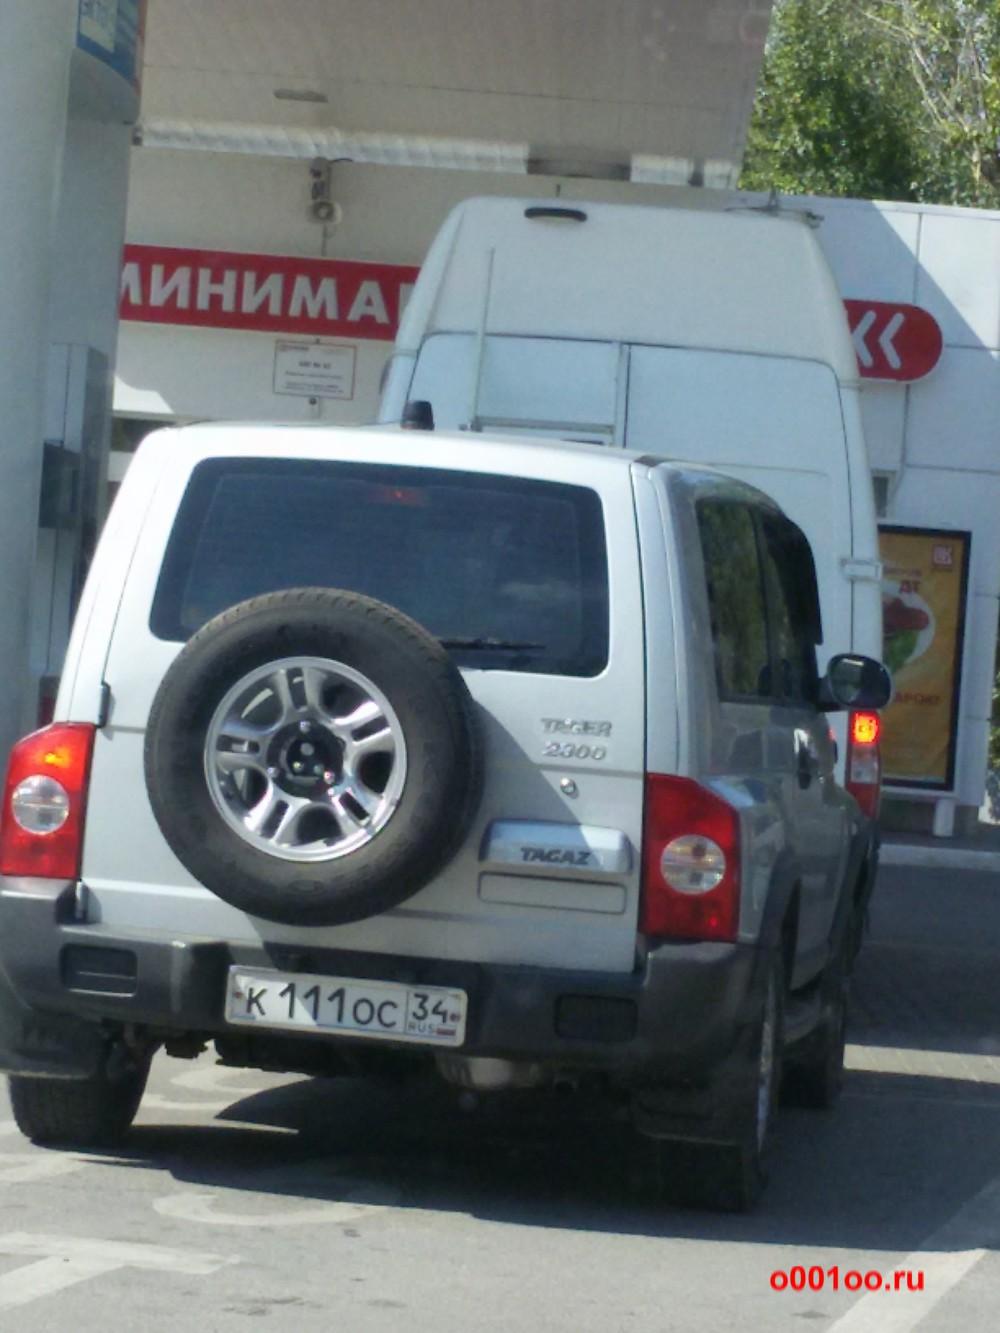 к111ос34